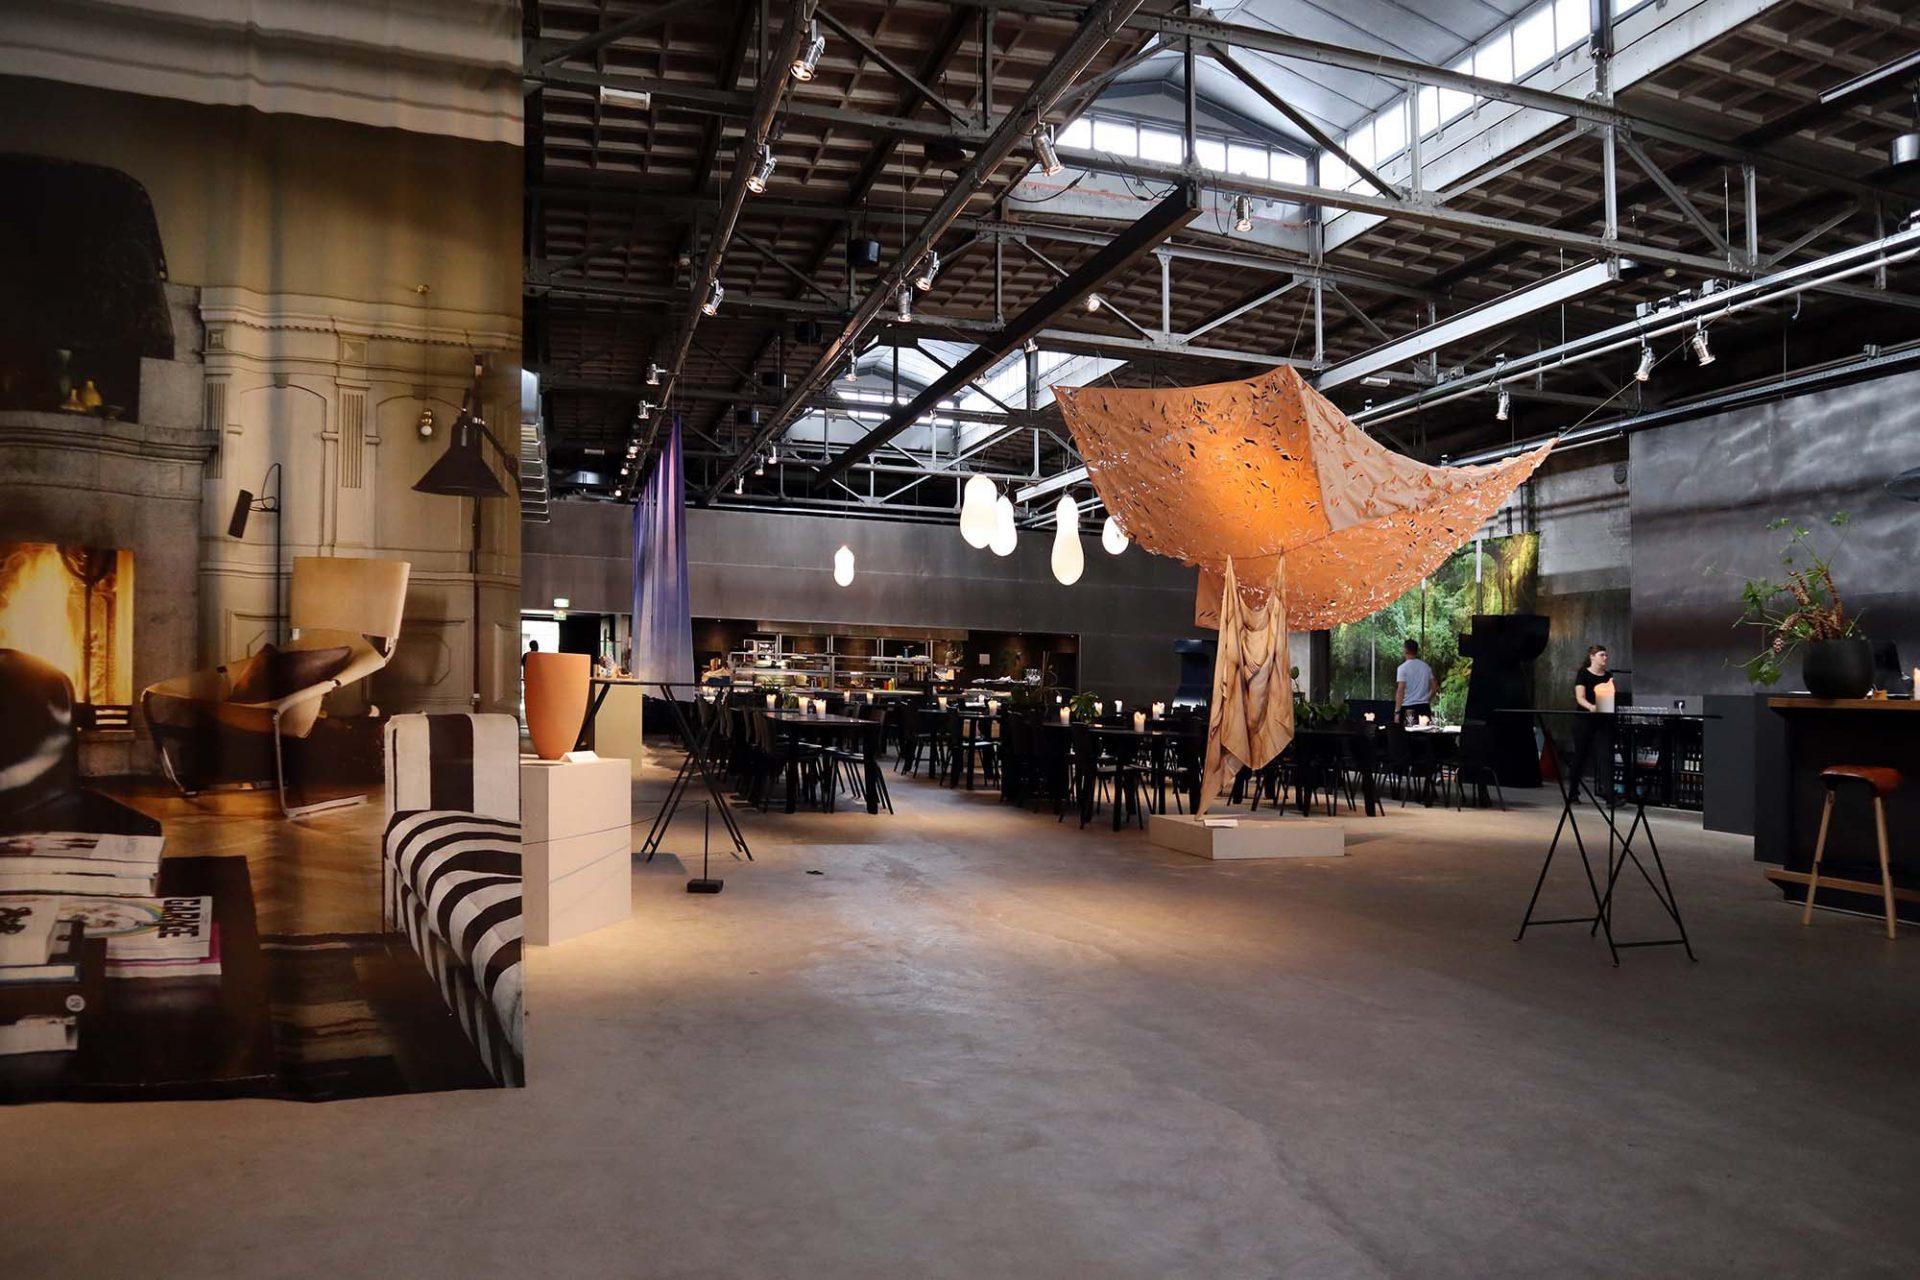 Kazerne. ... und ein Ort, an dem Design auf besonders angenehme Weise vermittelt wird.